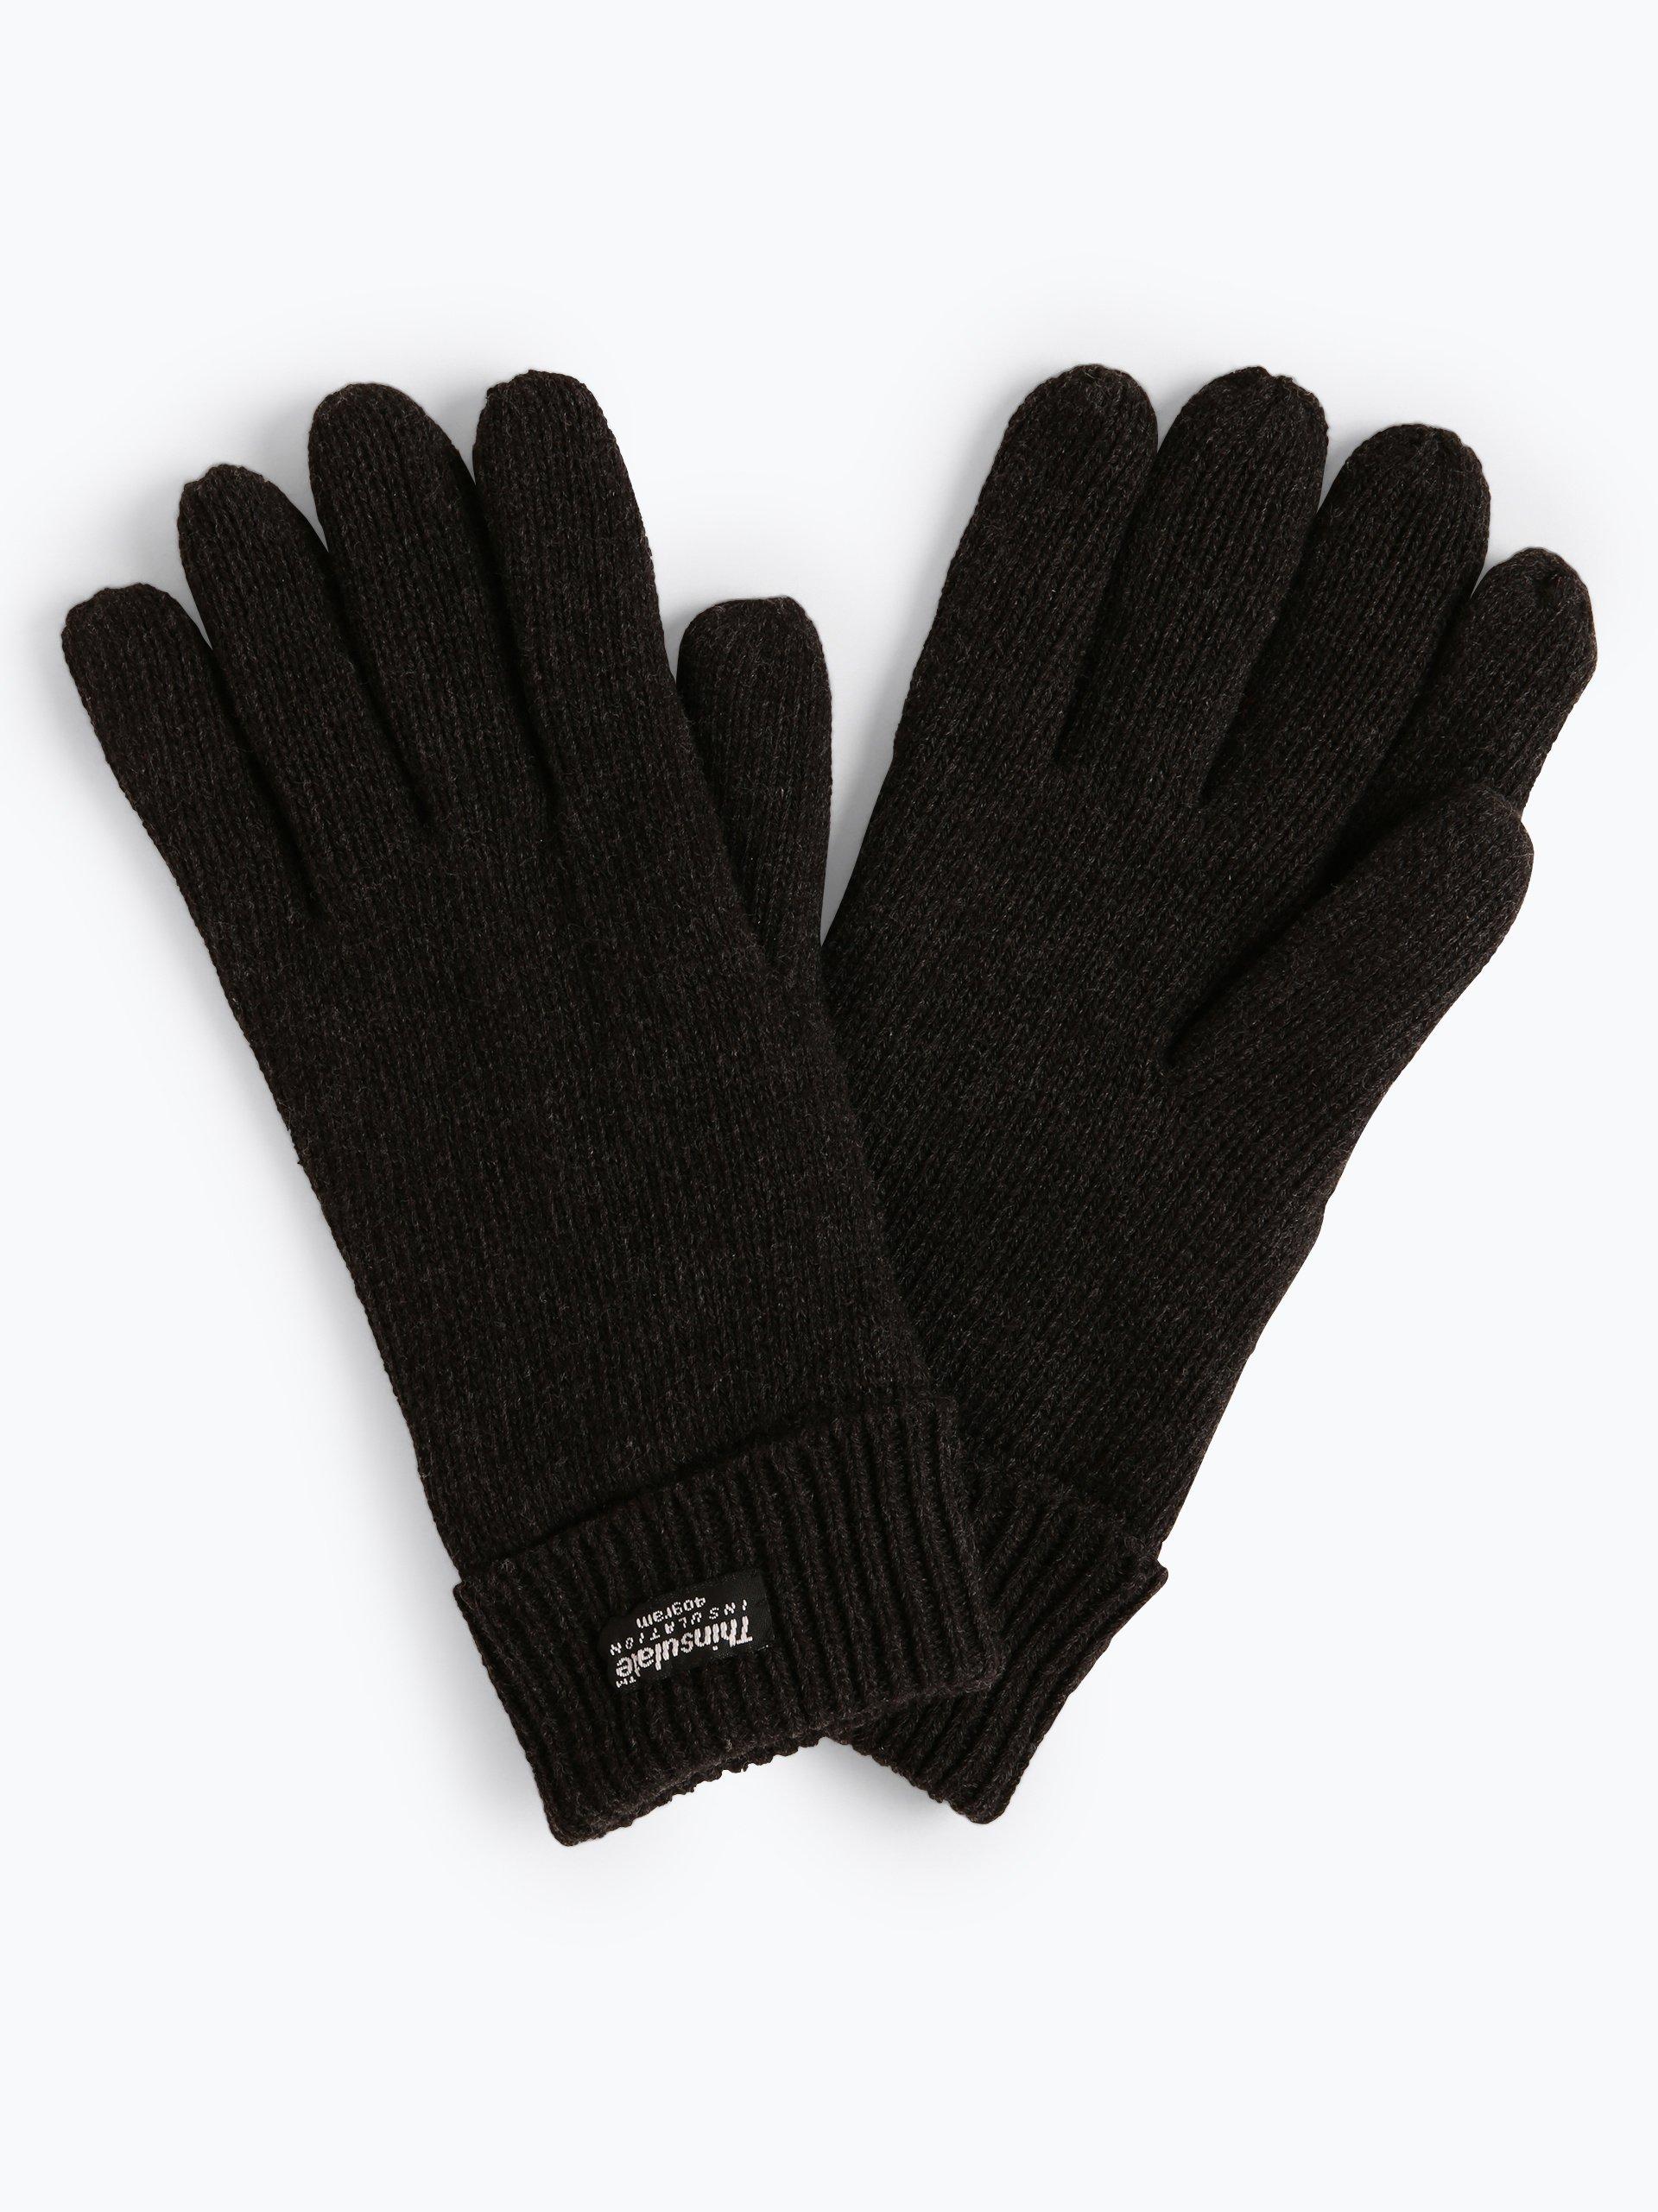 eem Herren Handschuhe